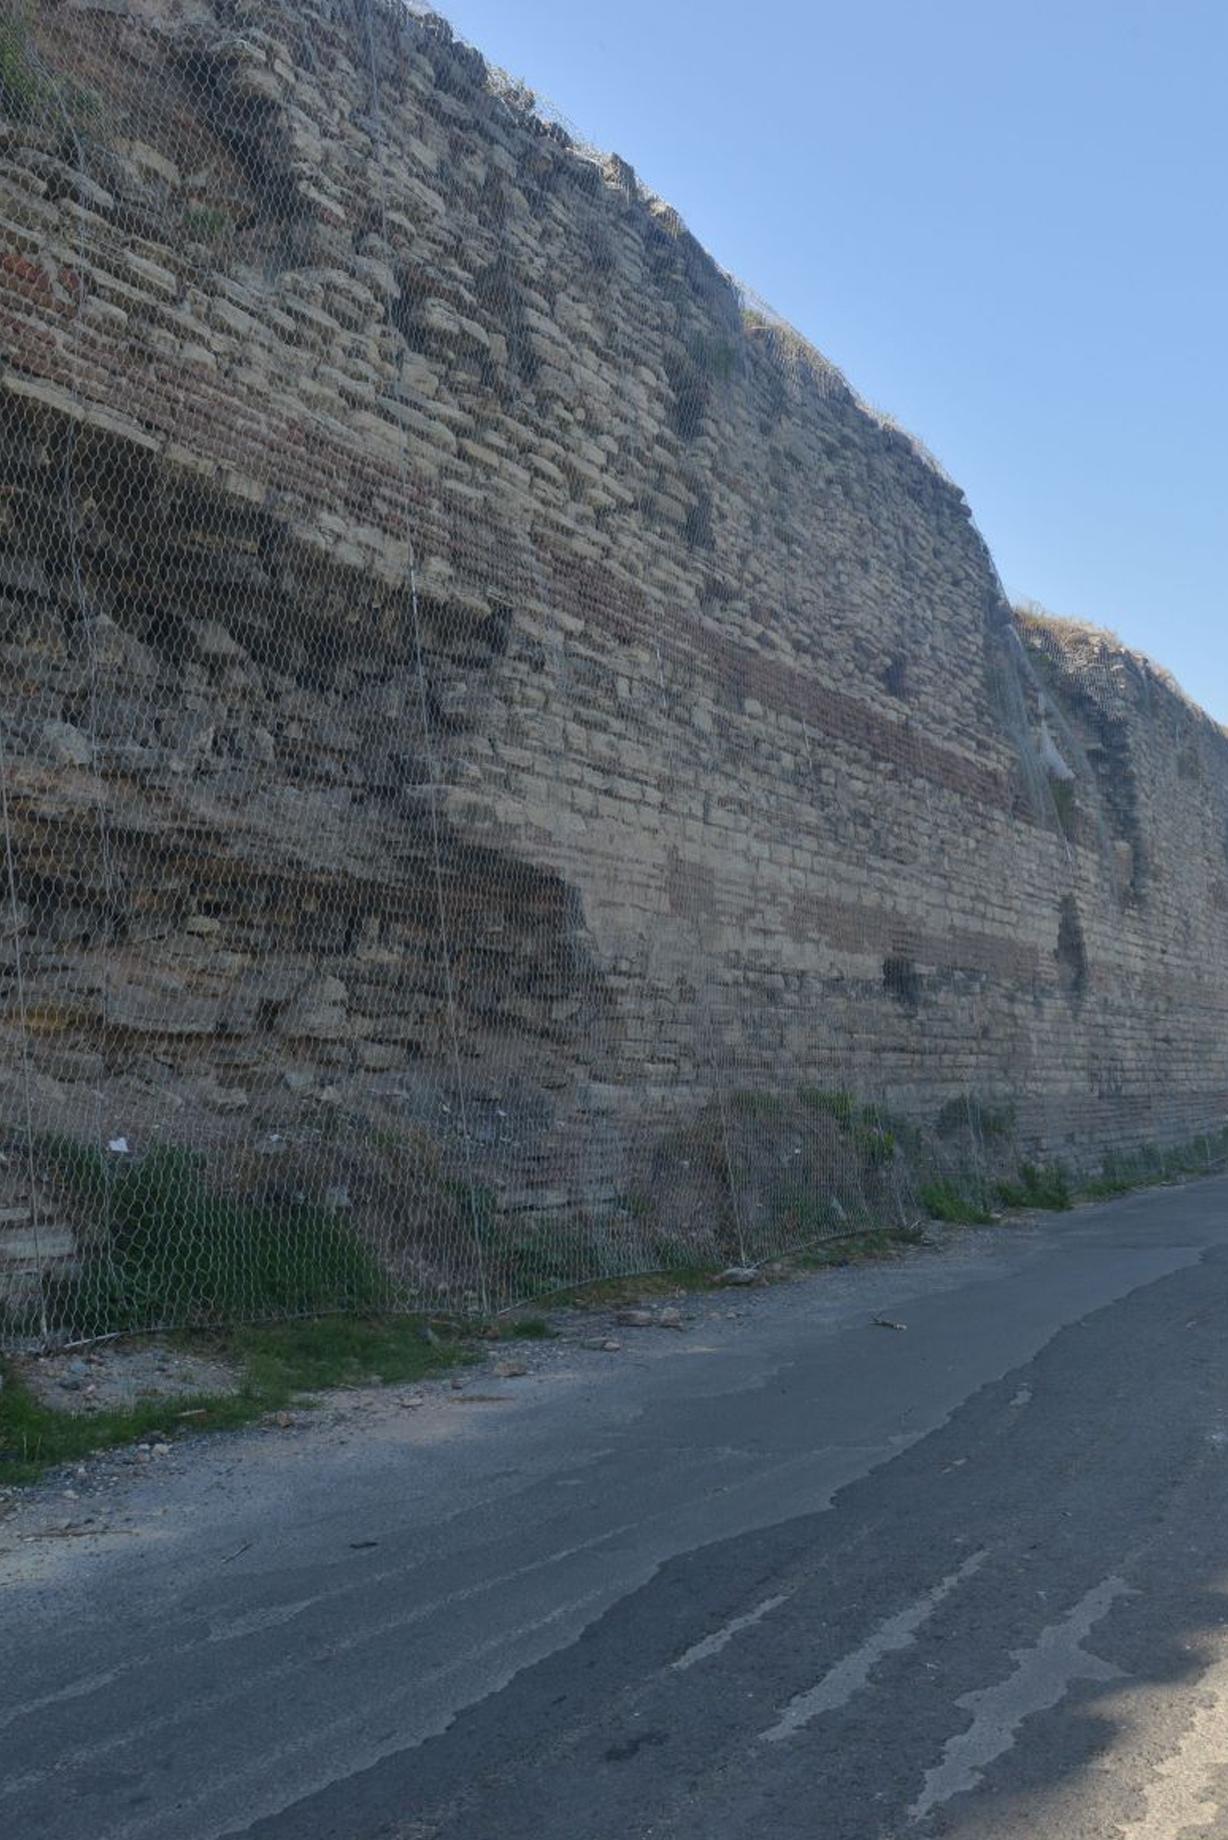 Kaya & Taş Dökülme İhtimali Olan Yerler